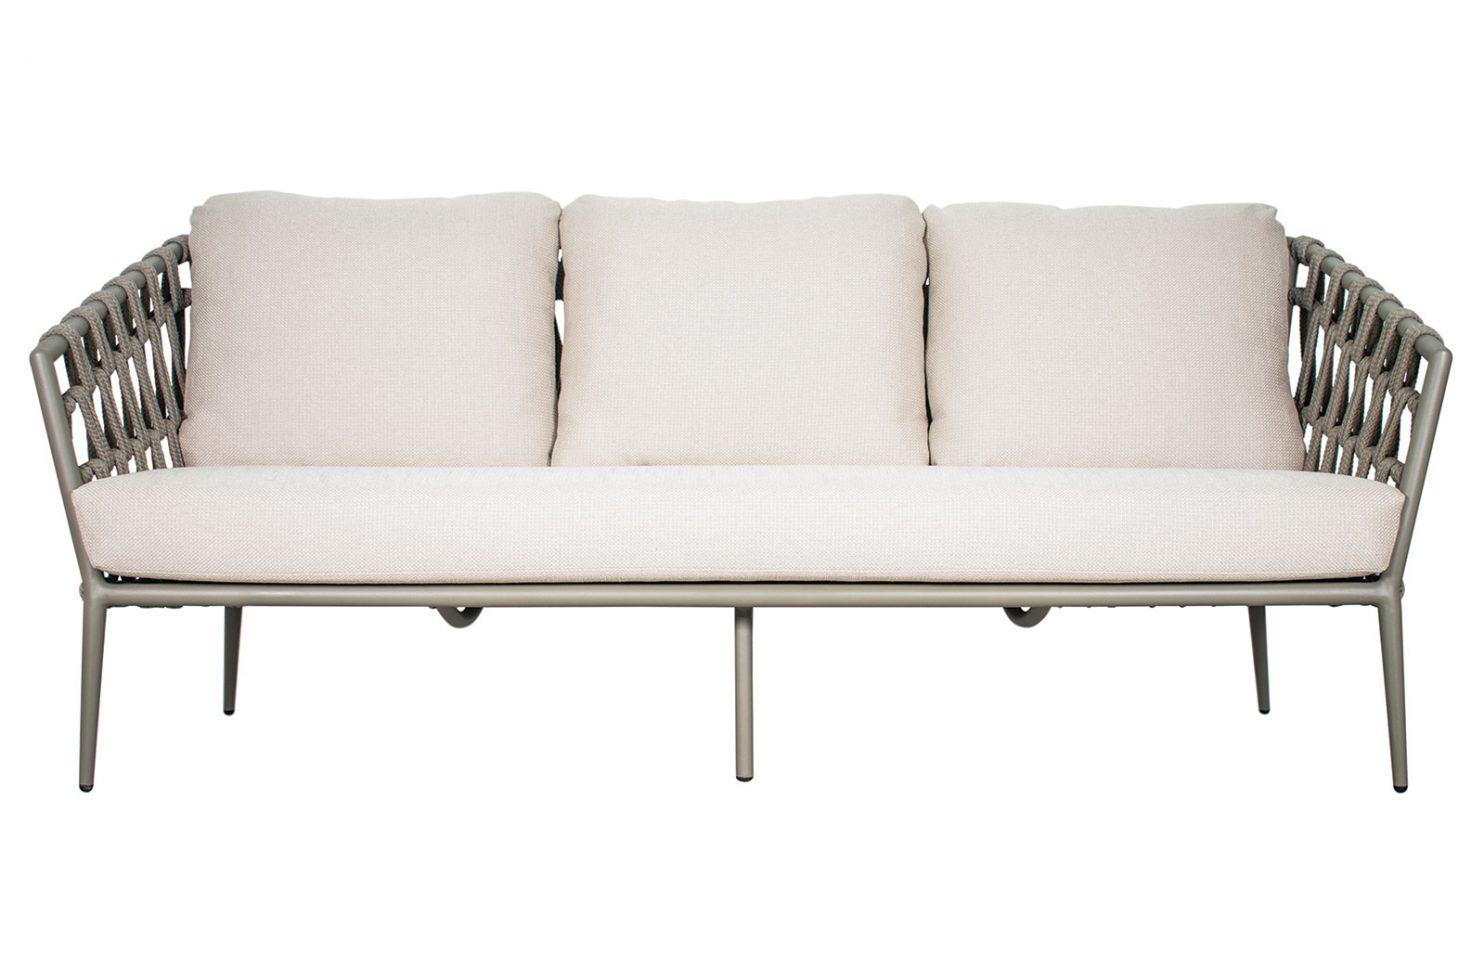 Archipelago andaman sofa 620FT066P2LGT 1 front